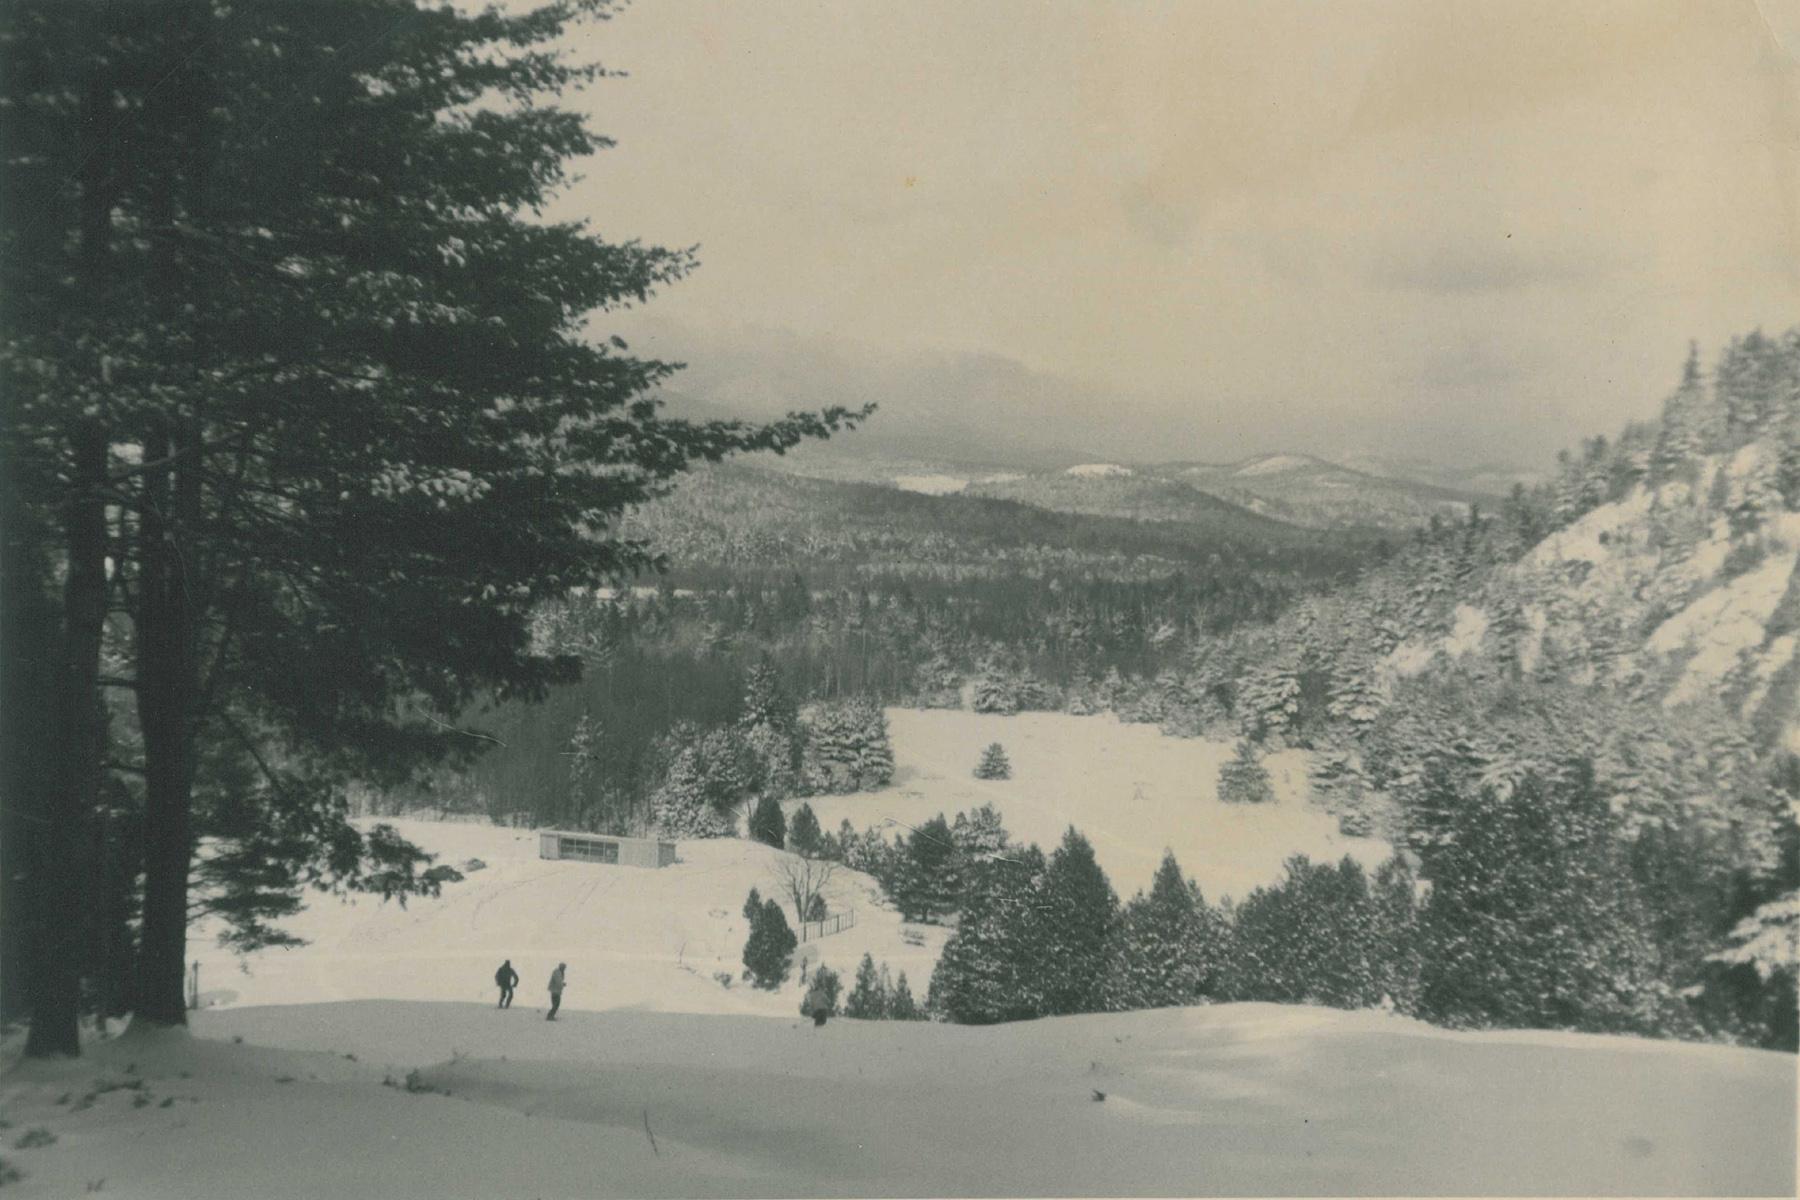 View from the top of Otis Mountain ski hill. Courtesy Jeff Allott.